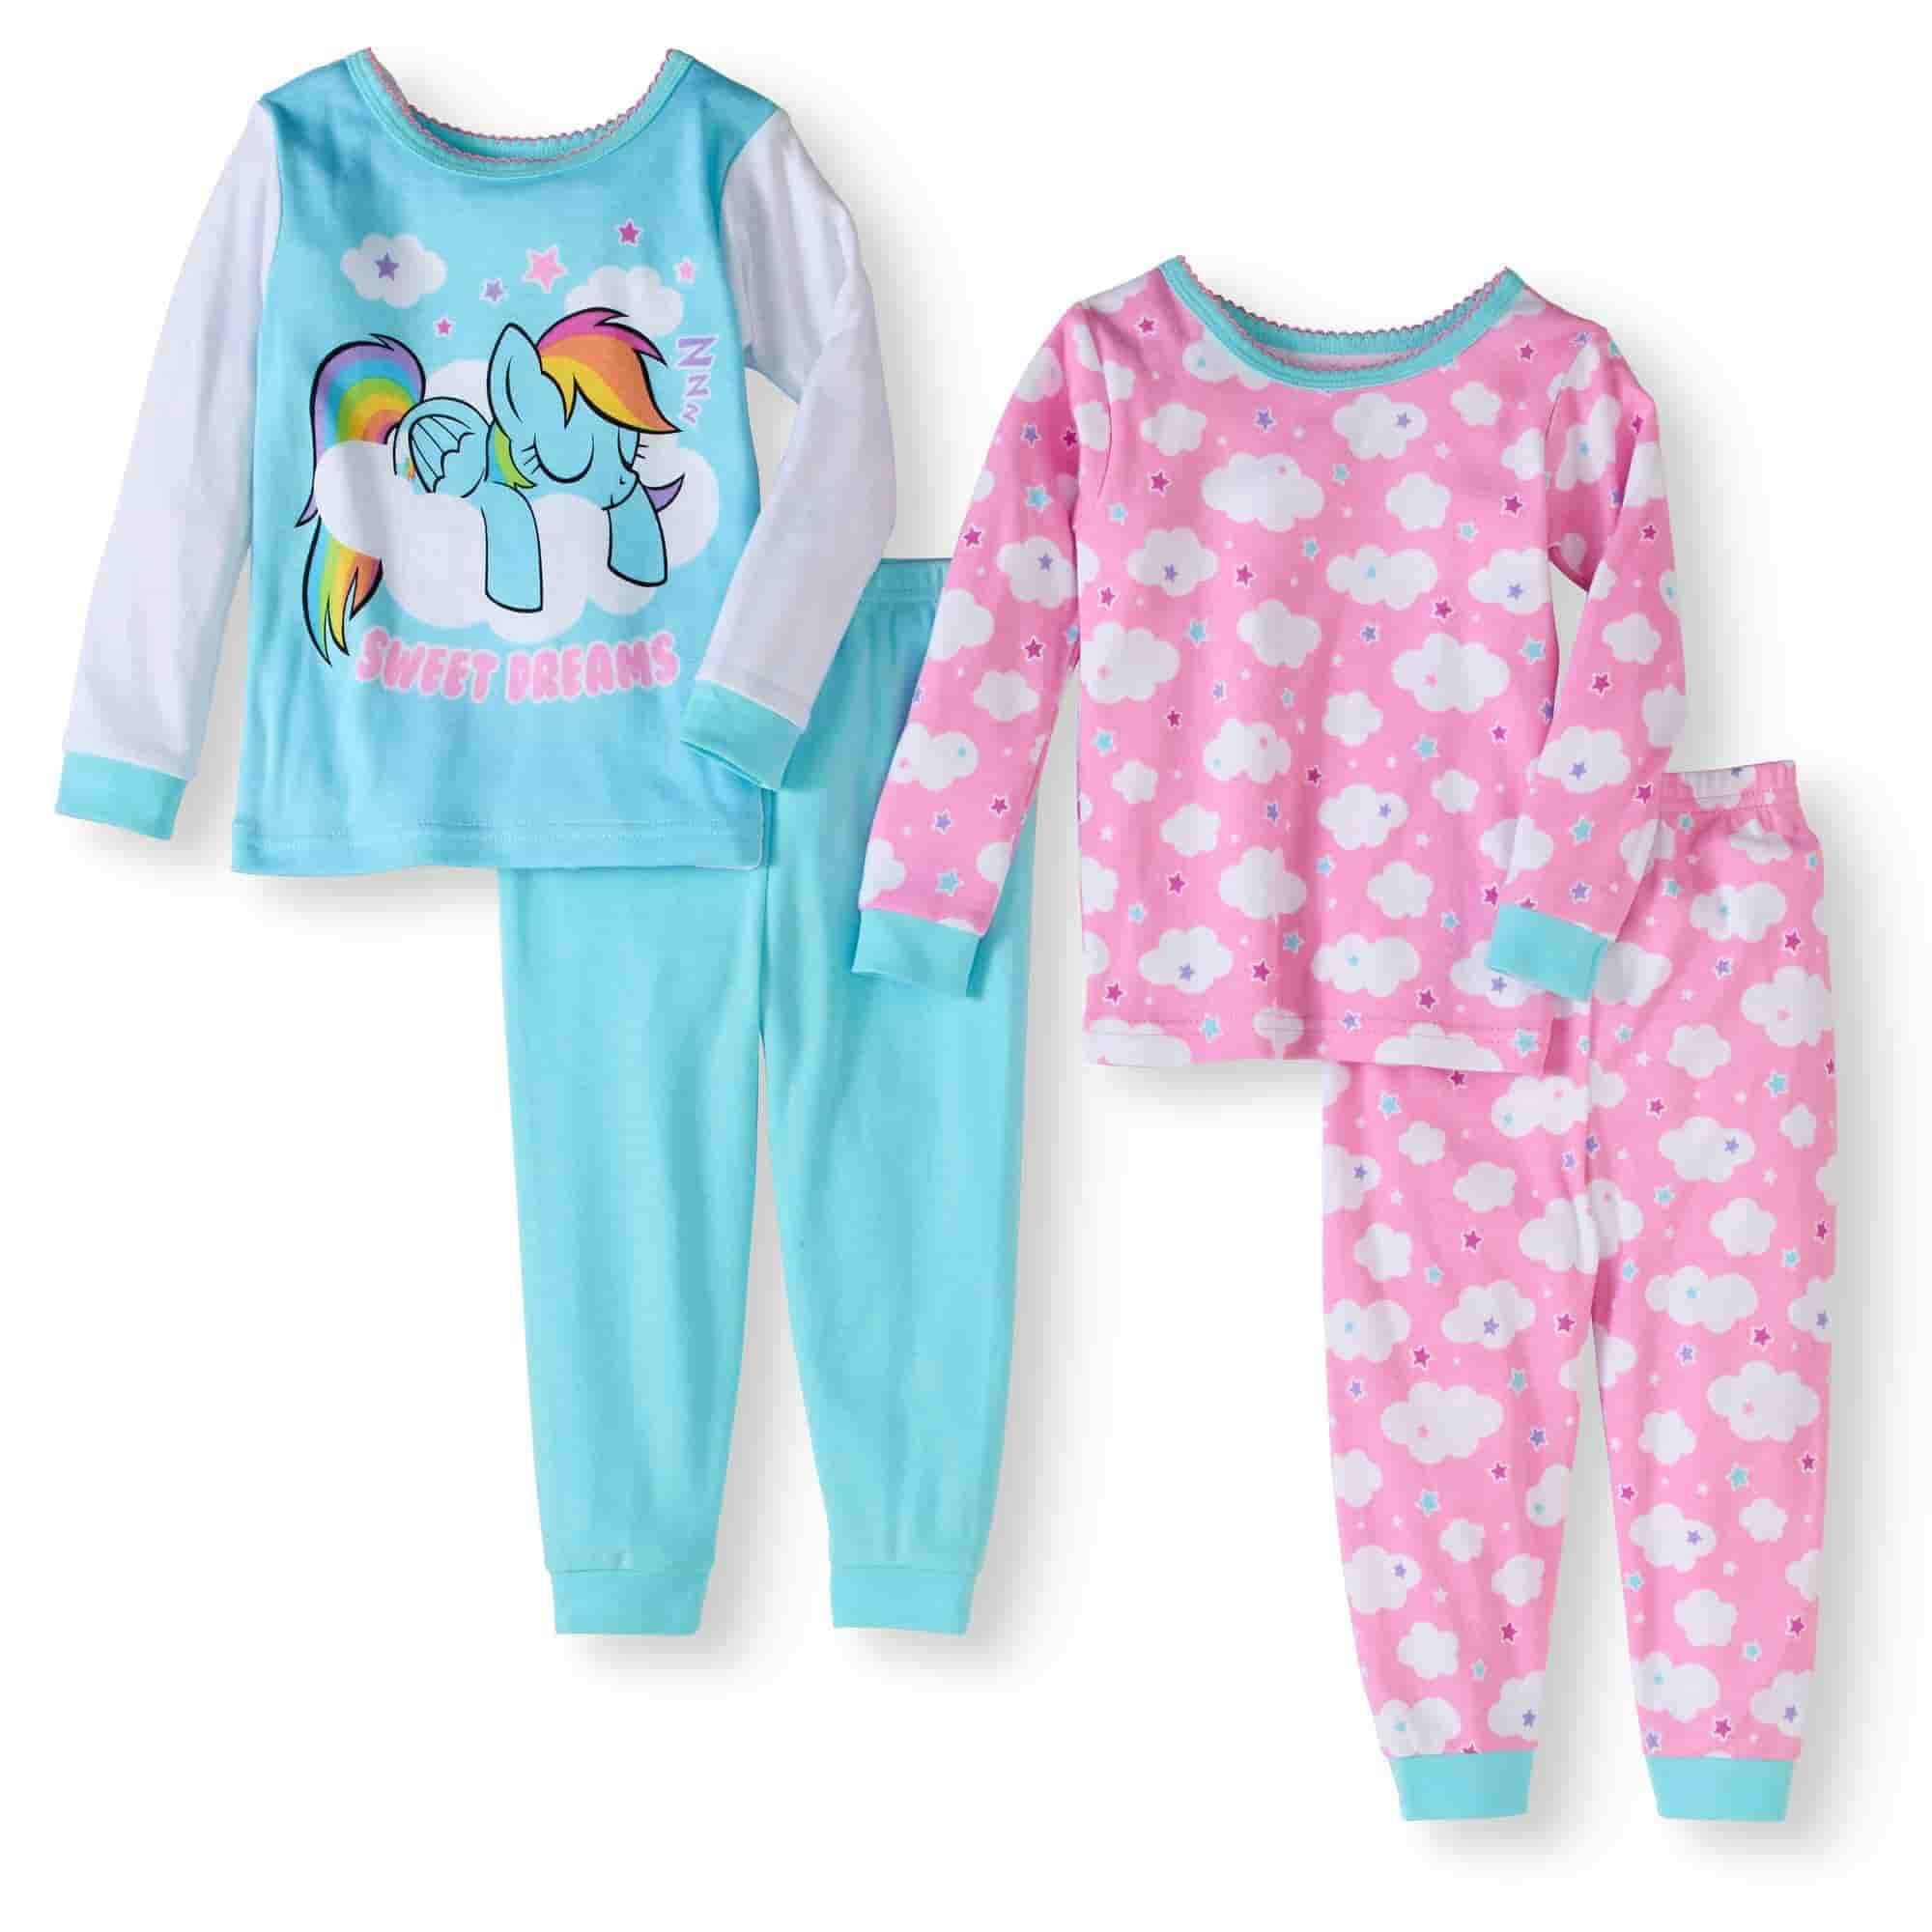 بيجامات نوم للأطفال - بيجامات بناتي قطيفة